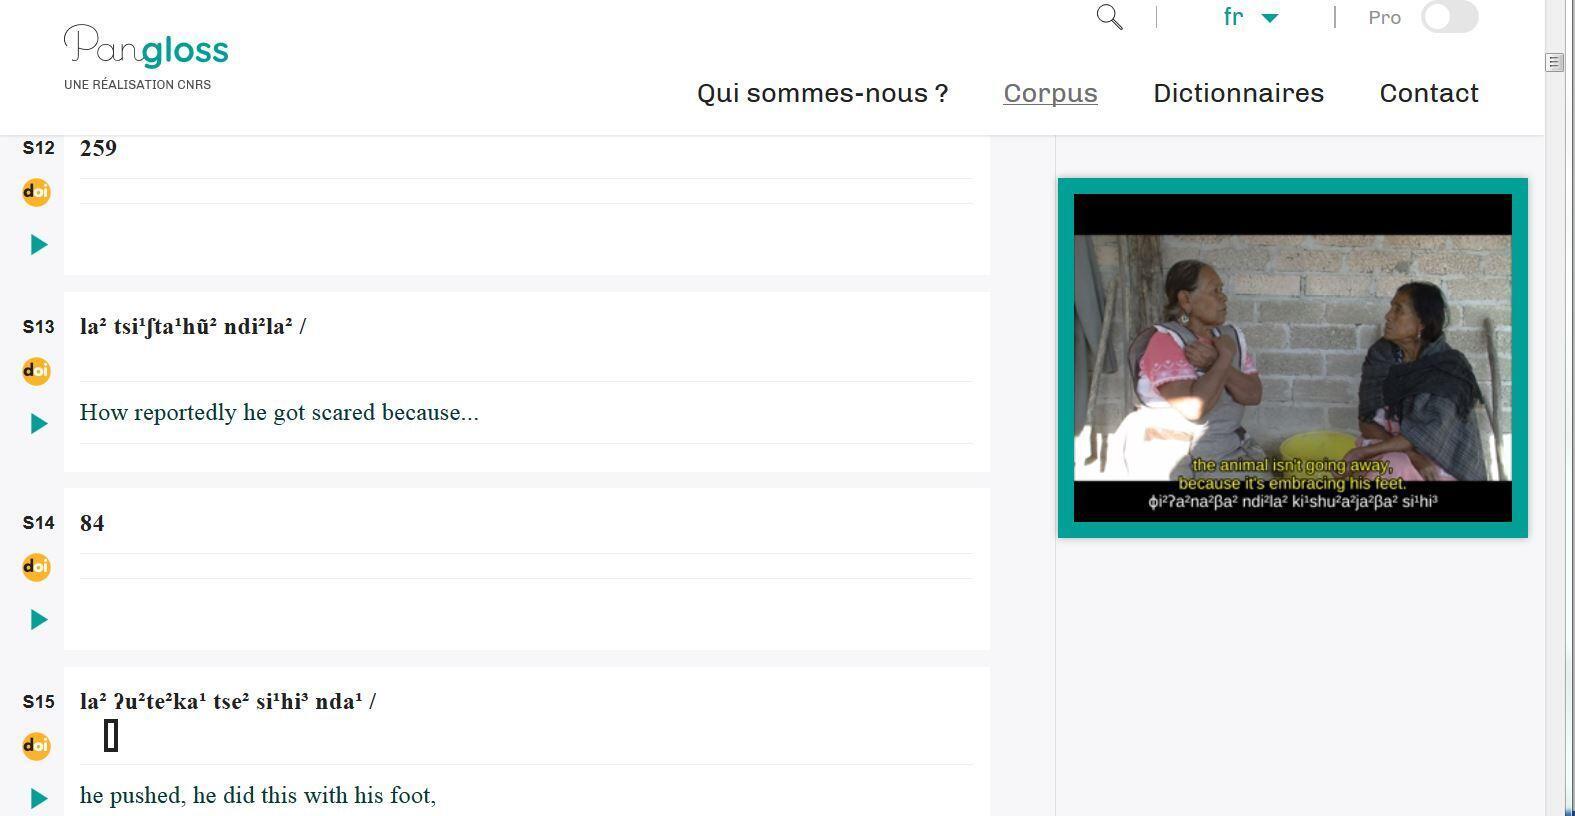 El sitio internet de Pangloss permite ver videos y las transcripciones simultáneas de las lenguas.